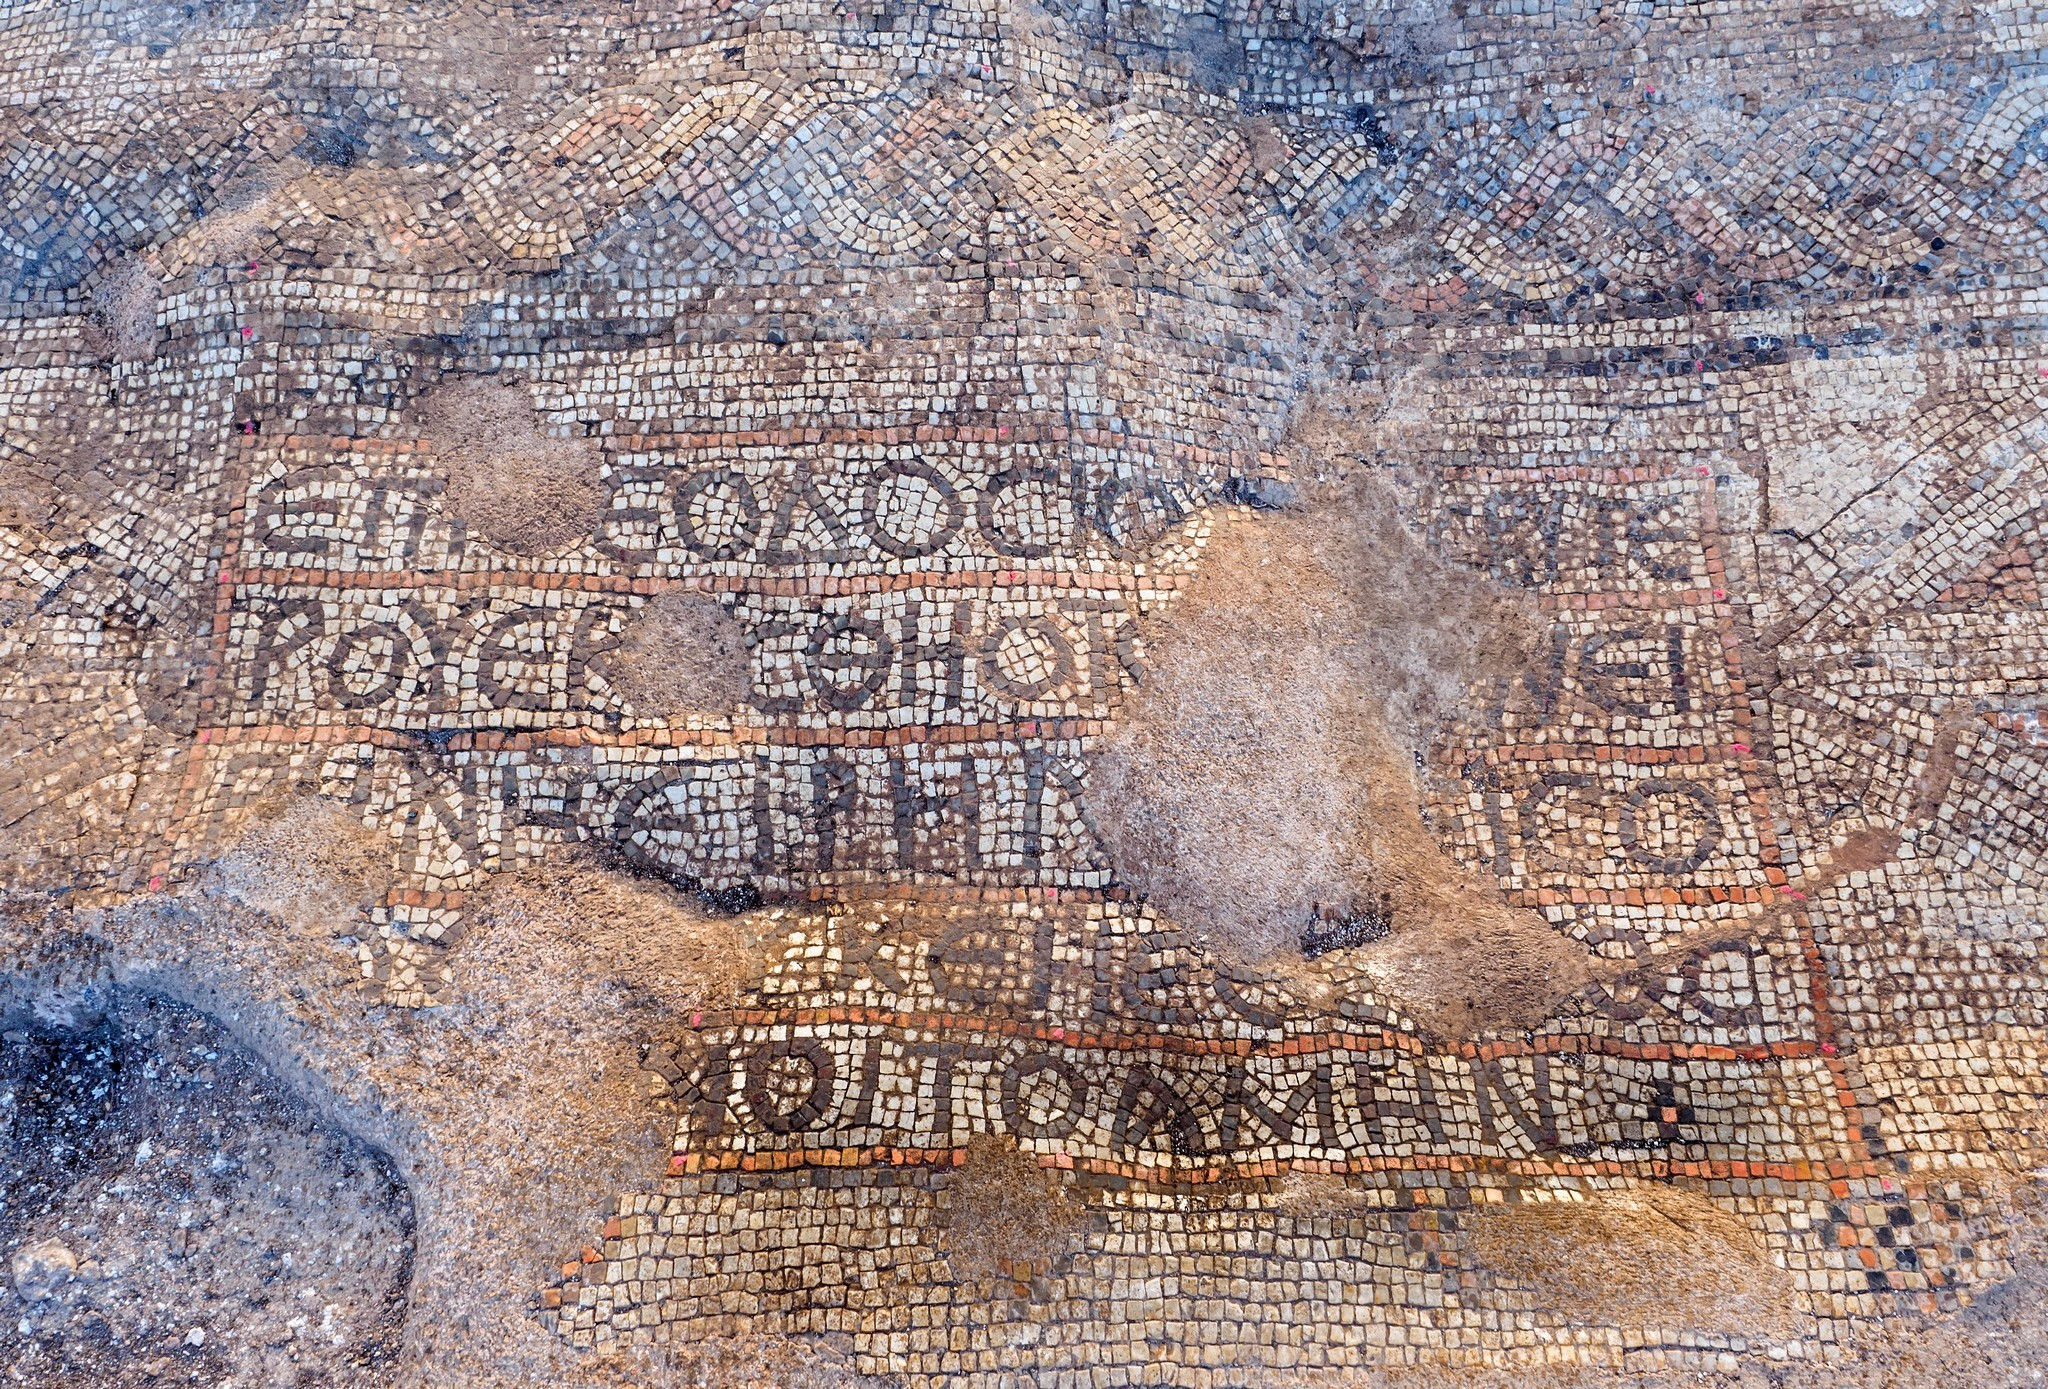 תמונות הפסיפס שנתגלה. צילום: אסף פרץ